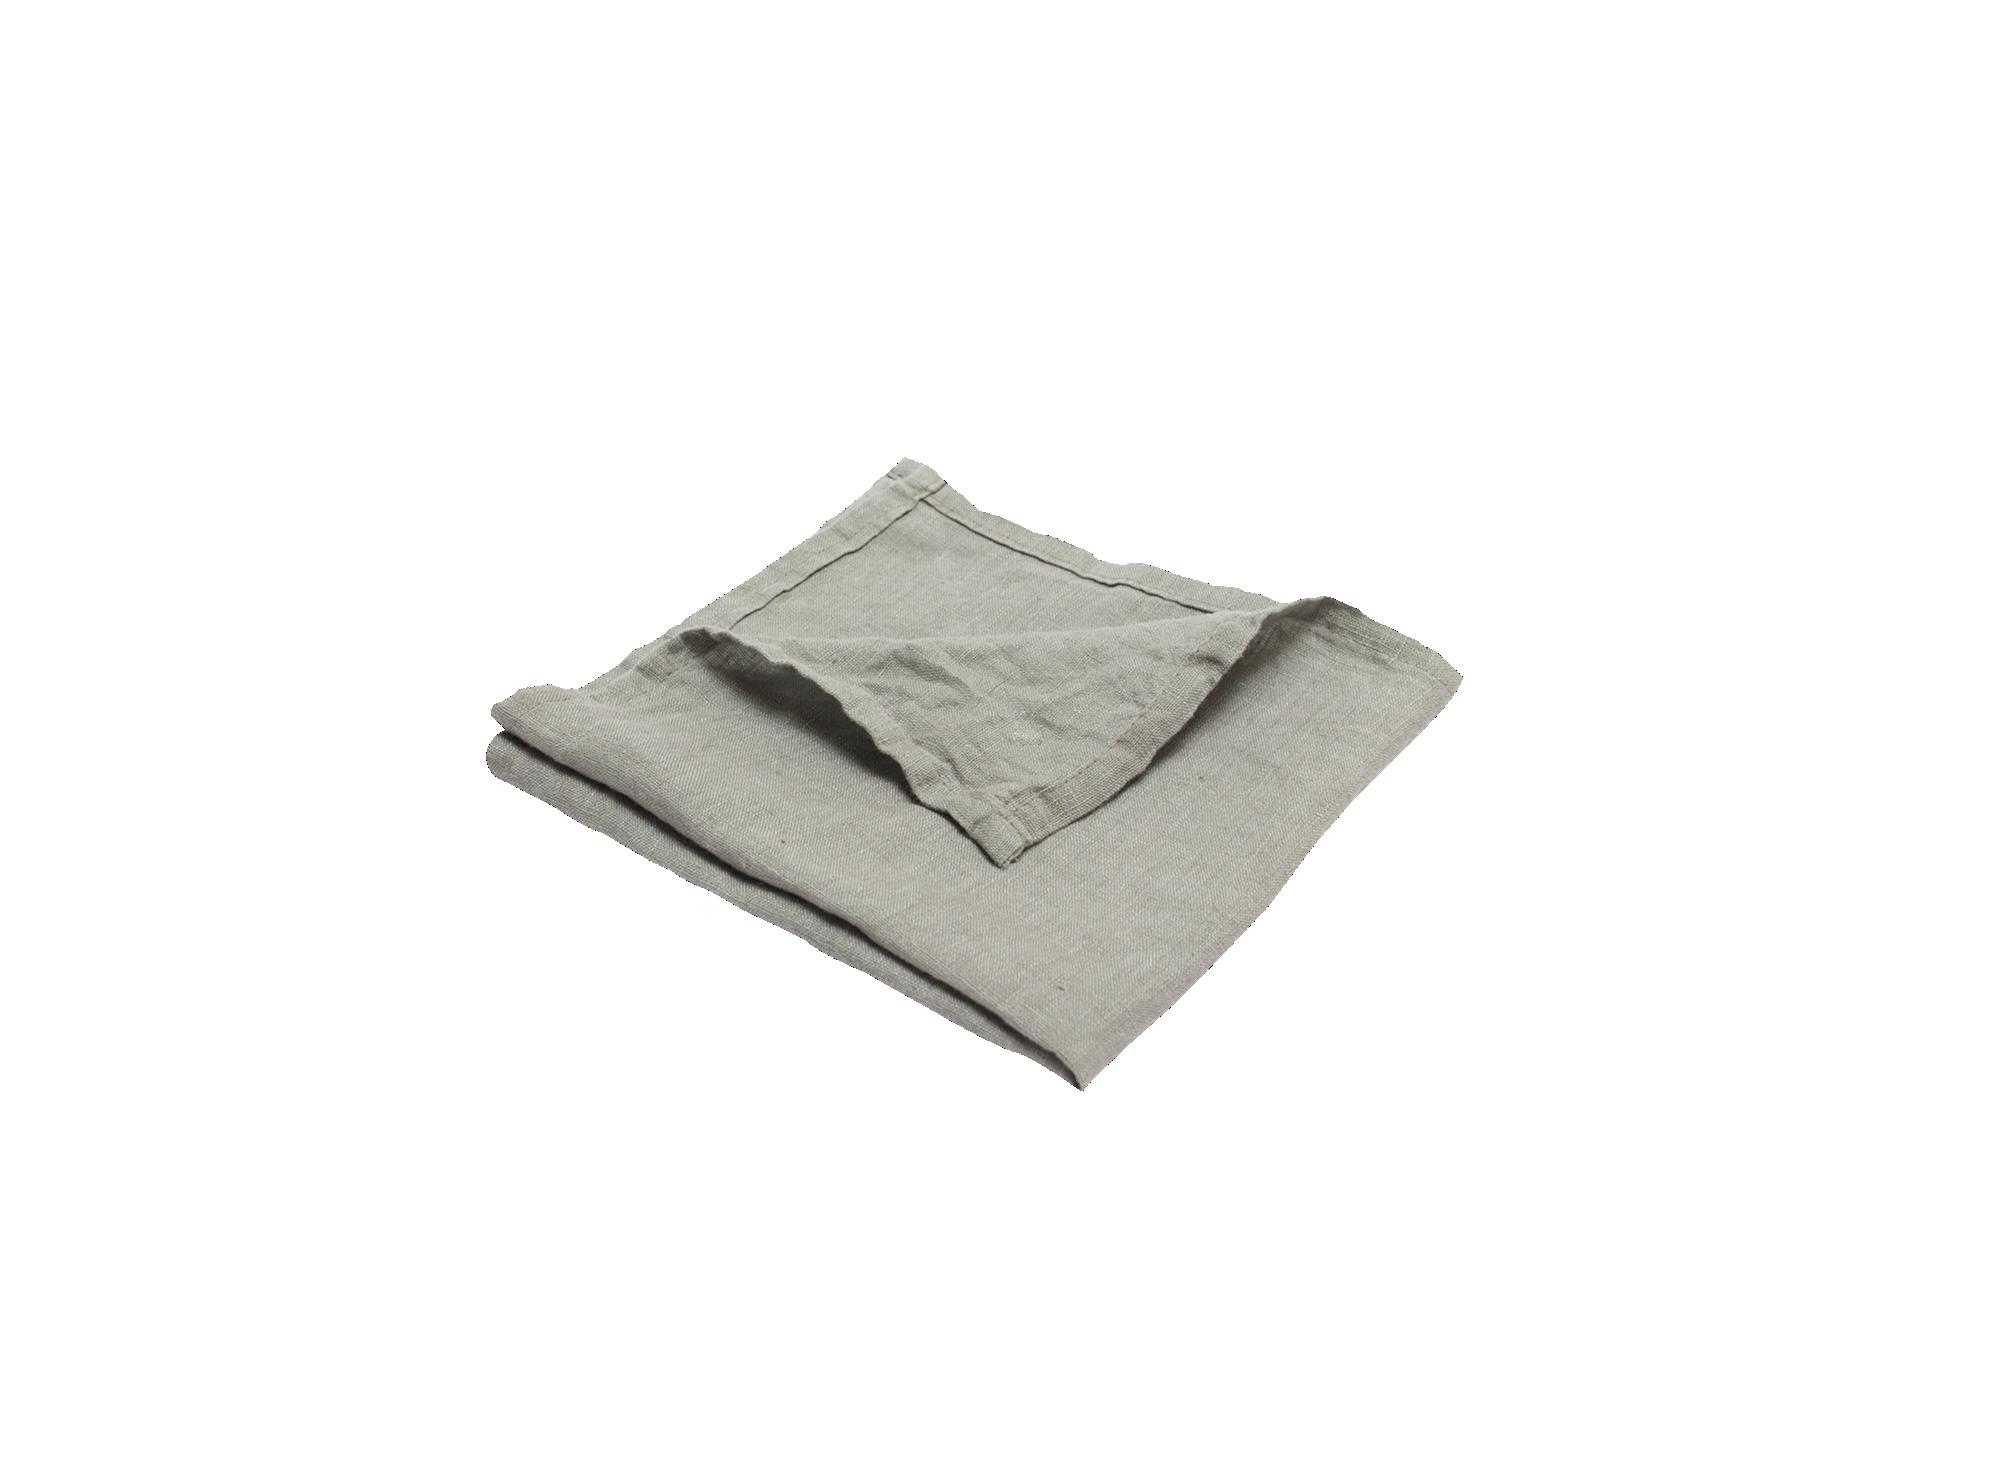 Serviette 40x40cm 100% lin coloris gris densite 150g/m2  lavable en m ...